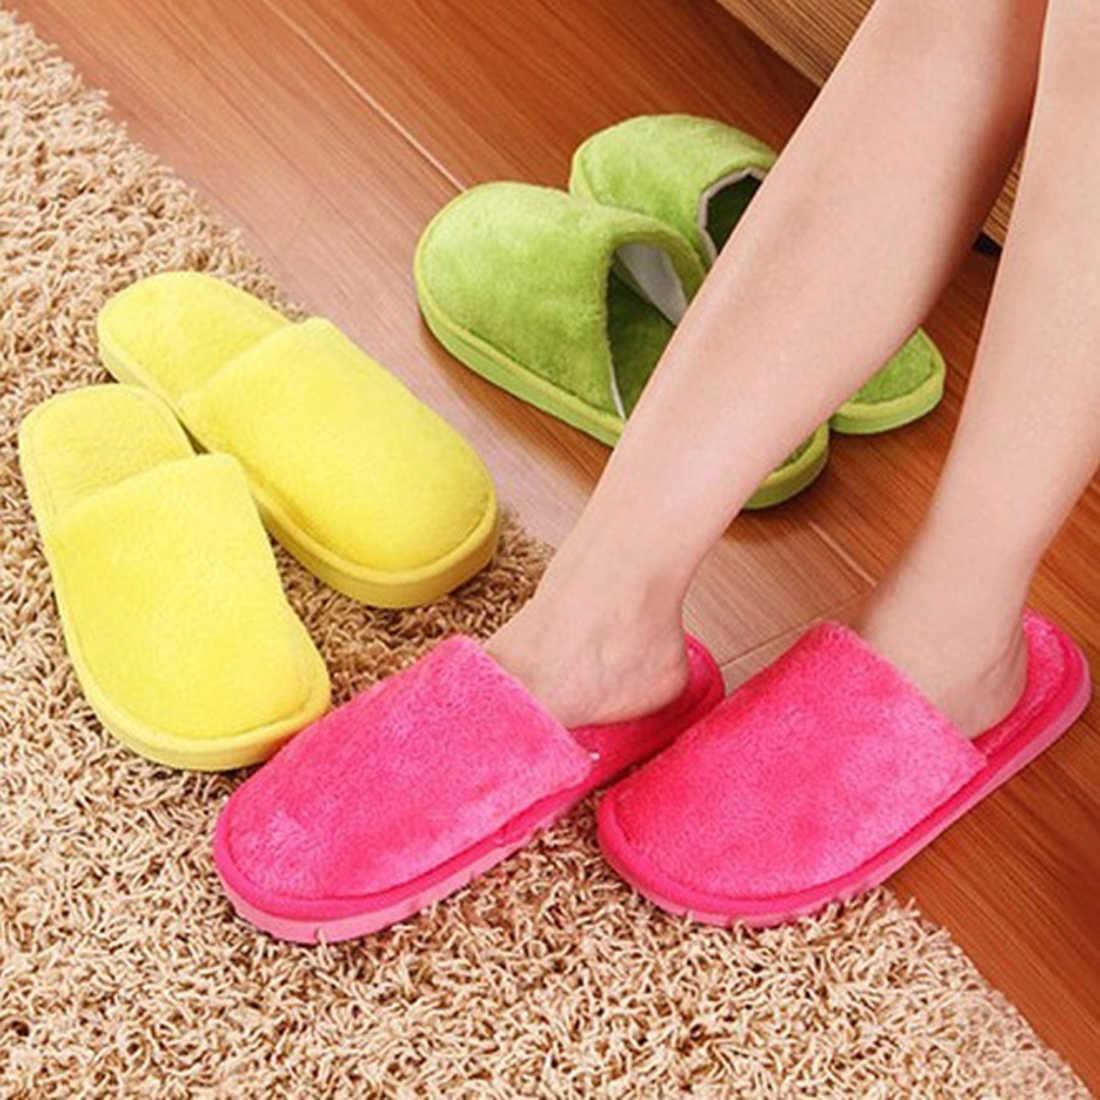 Giày Chaussures Femme Nữ Nam Dép Nam Ấm Nhà Sang Trọng Mềm Dép Đi Trong Nhà Chống Trơn Trượt Mùa Đông Sàn Phòng Ngủ